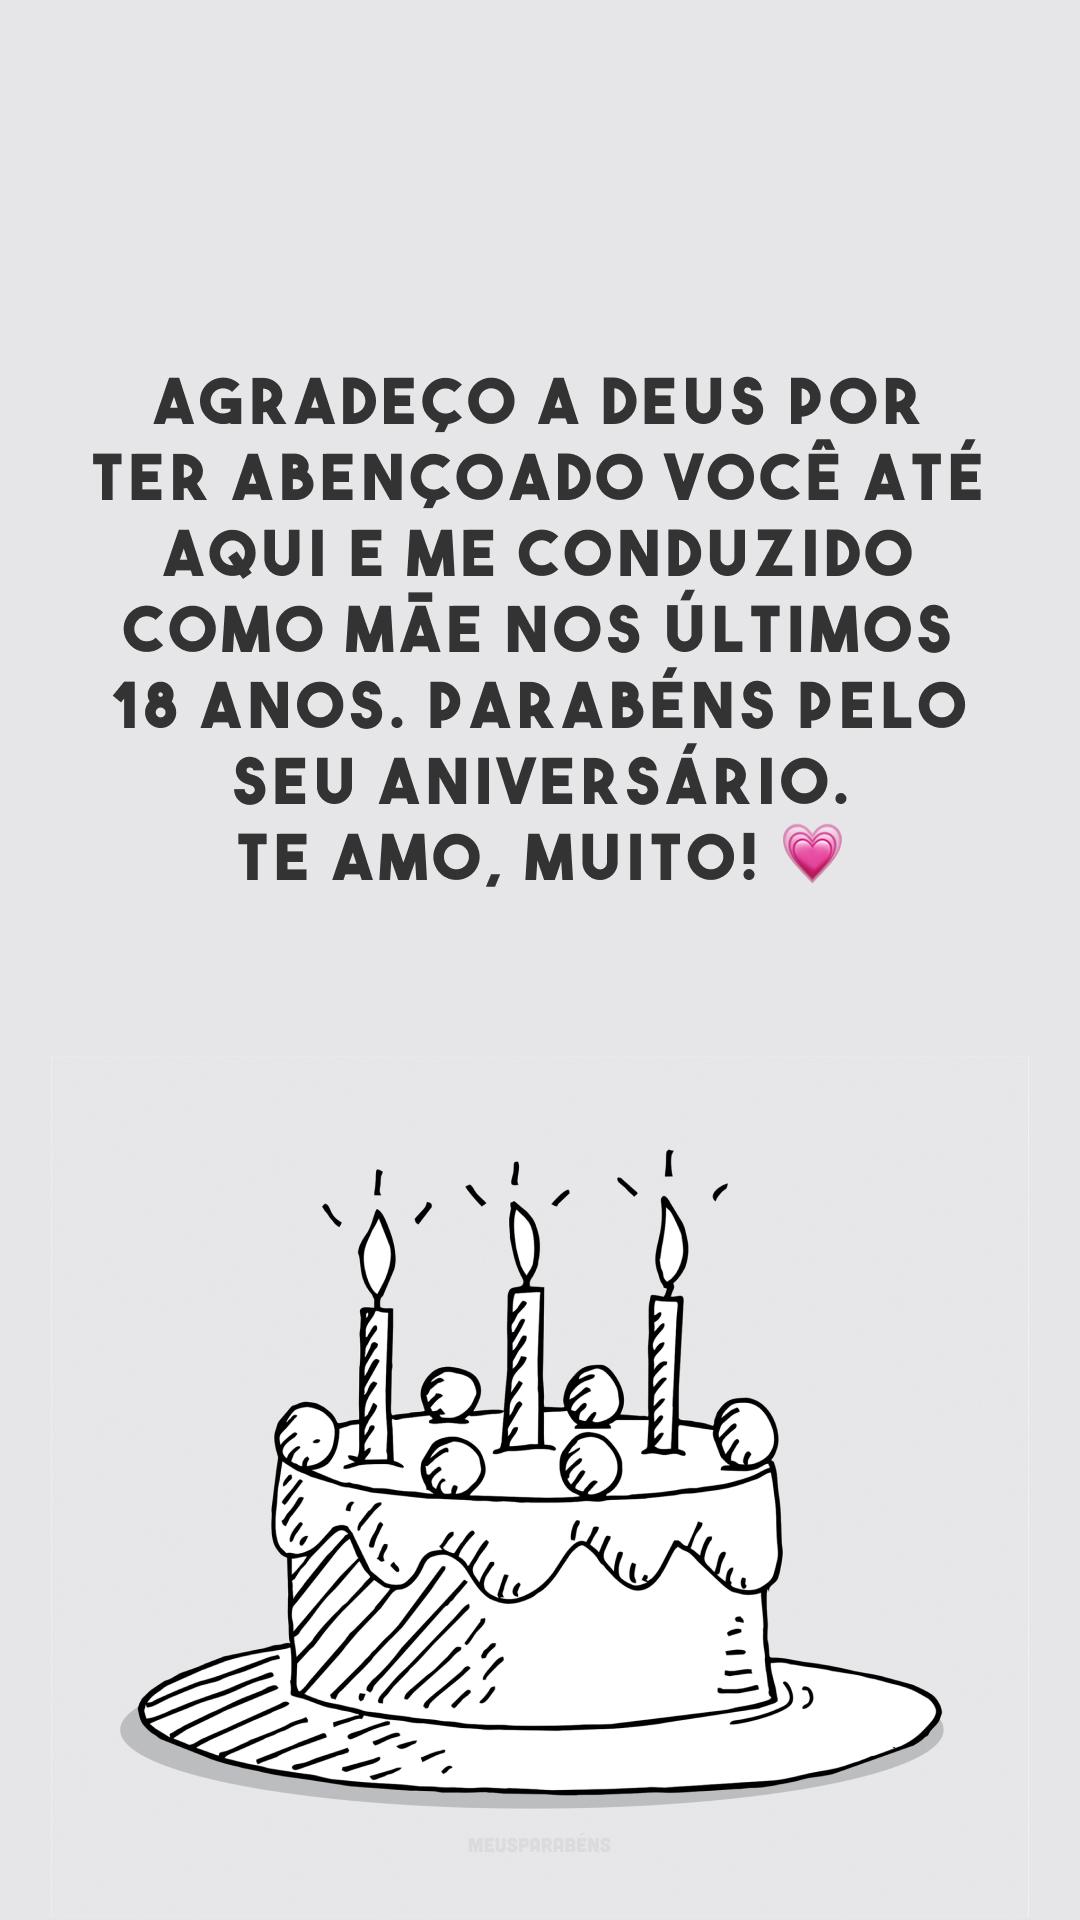 Agradeço a Deus por ter abençoado você até aqui e me conduzido como mãe nos últimos 18 anos. Parabéns pelo seu aniversário. Te amo, muito! 💗